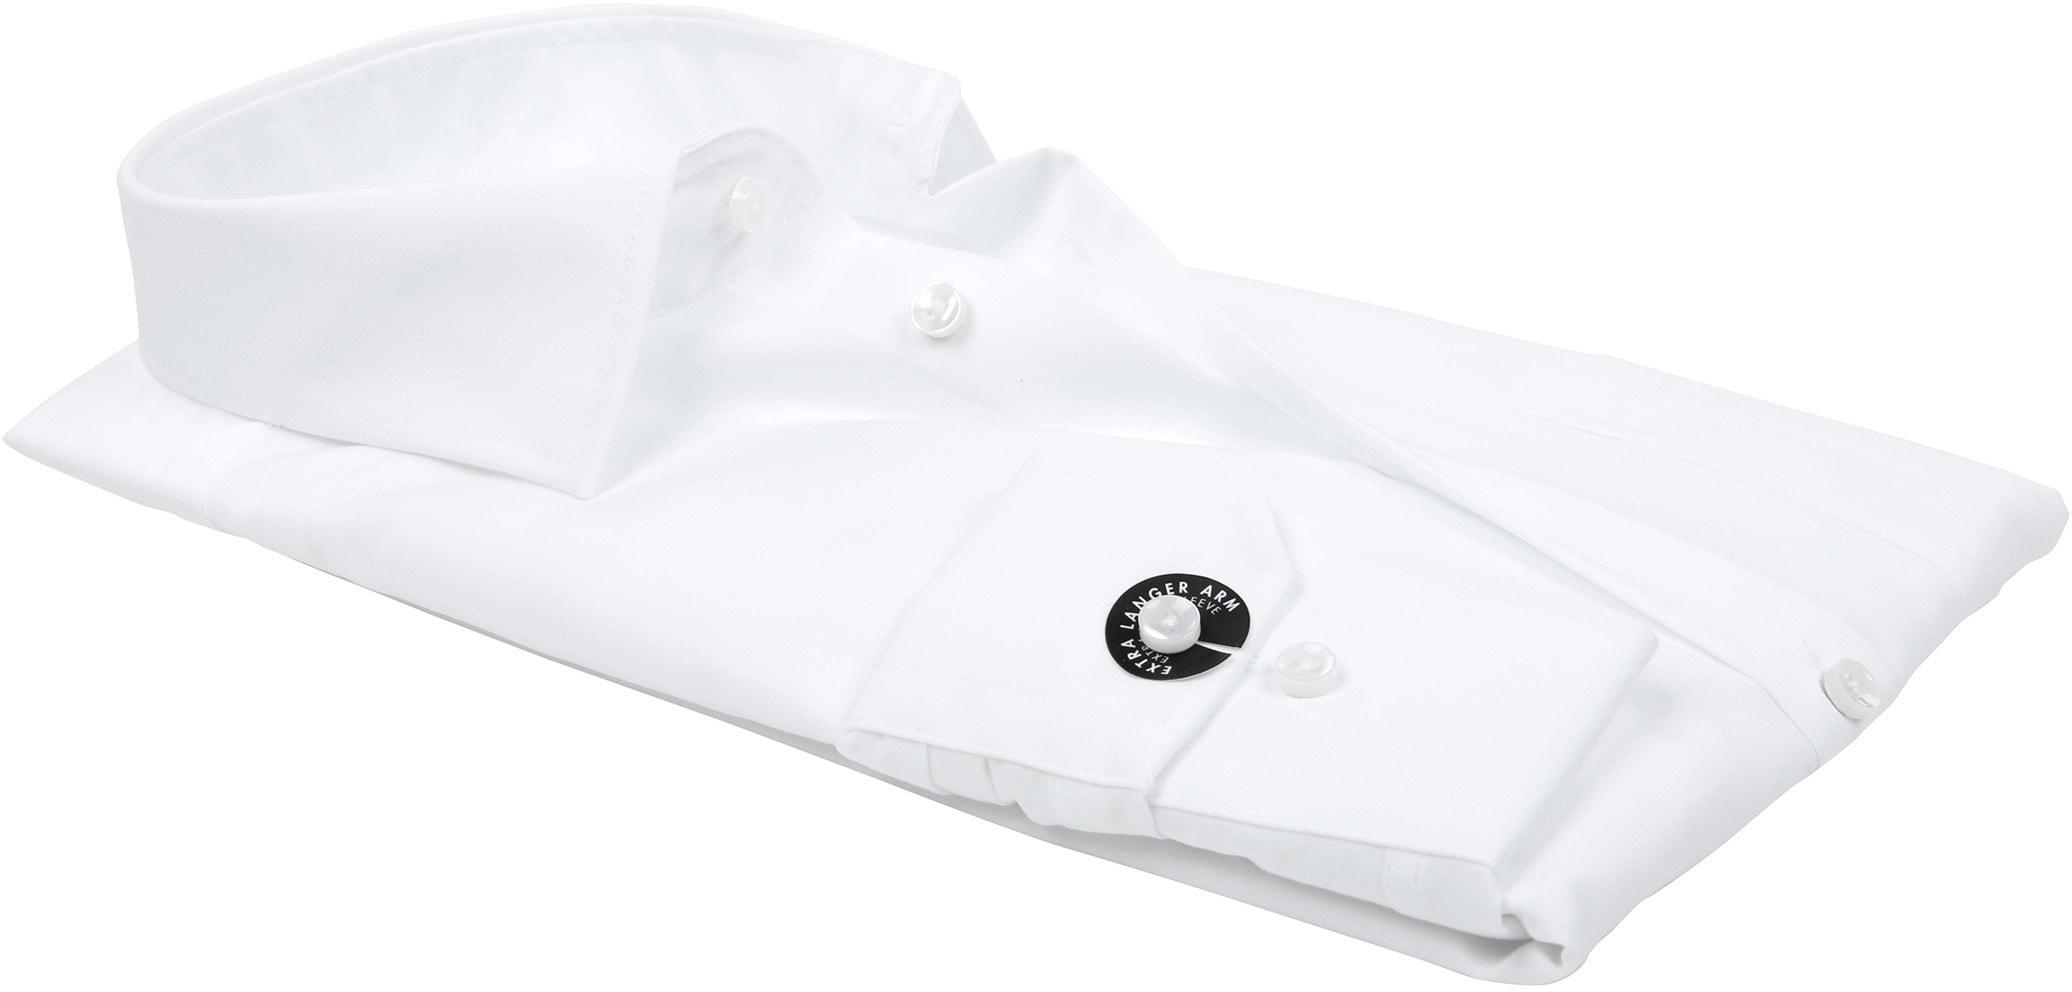 Seidensticker Non Iron Comfort-Fit White S7 foto 2